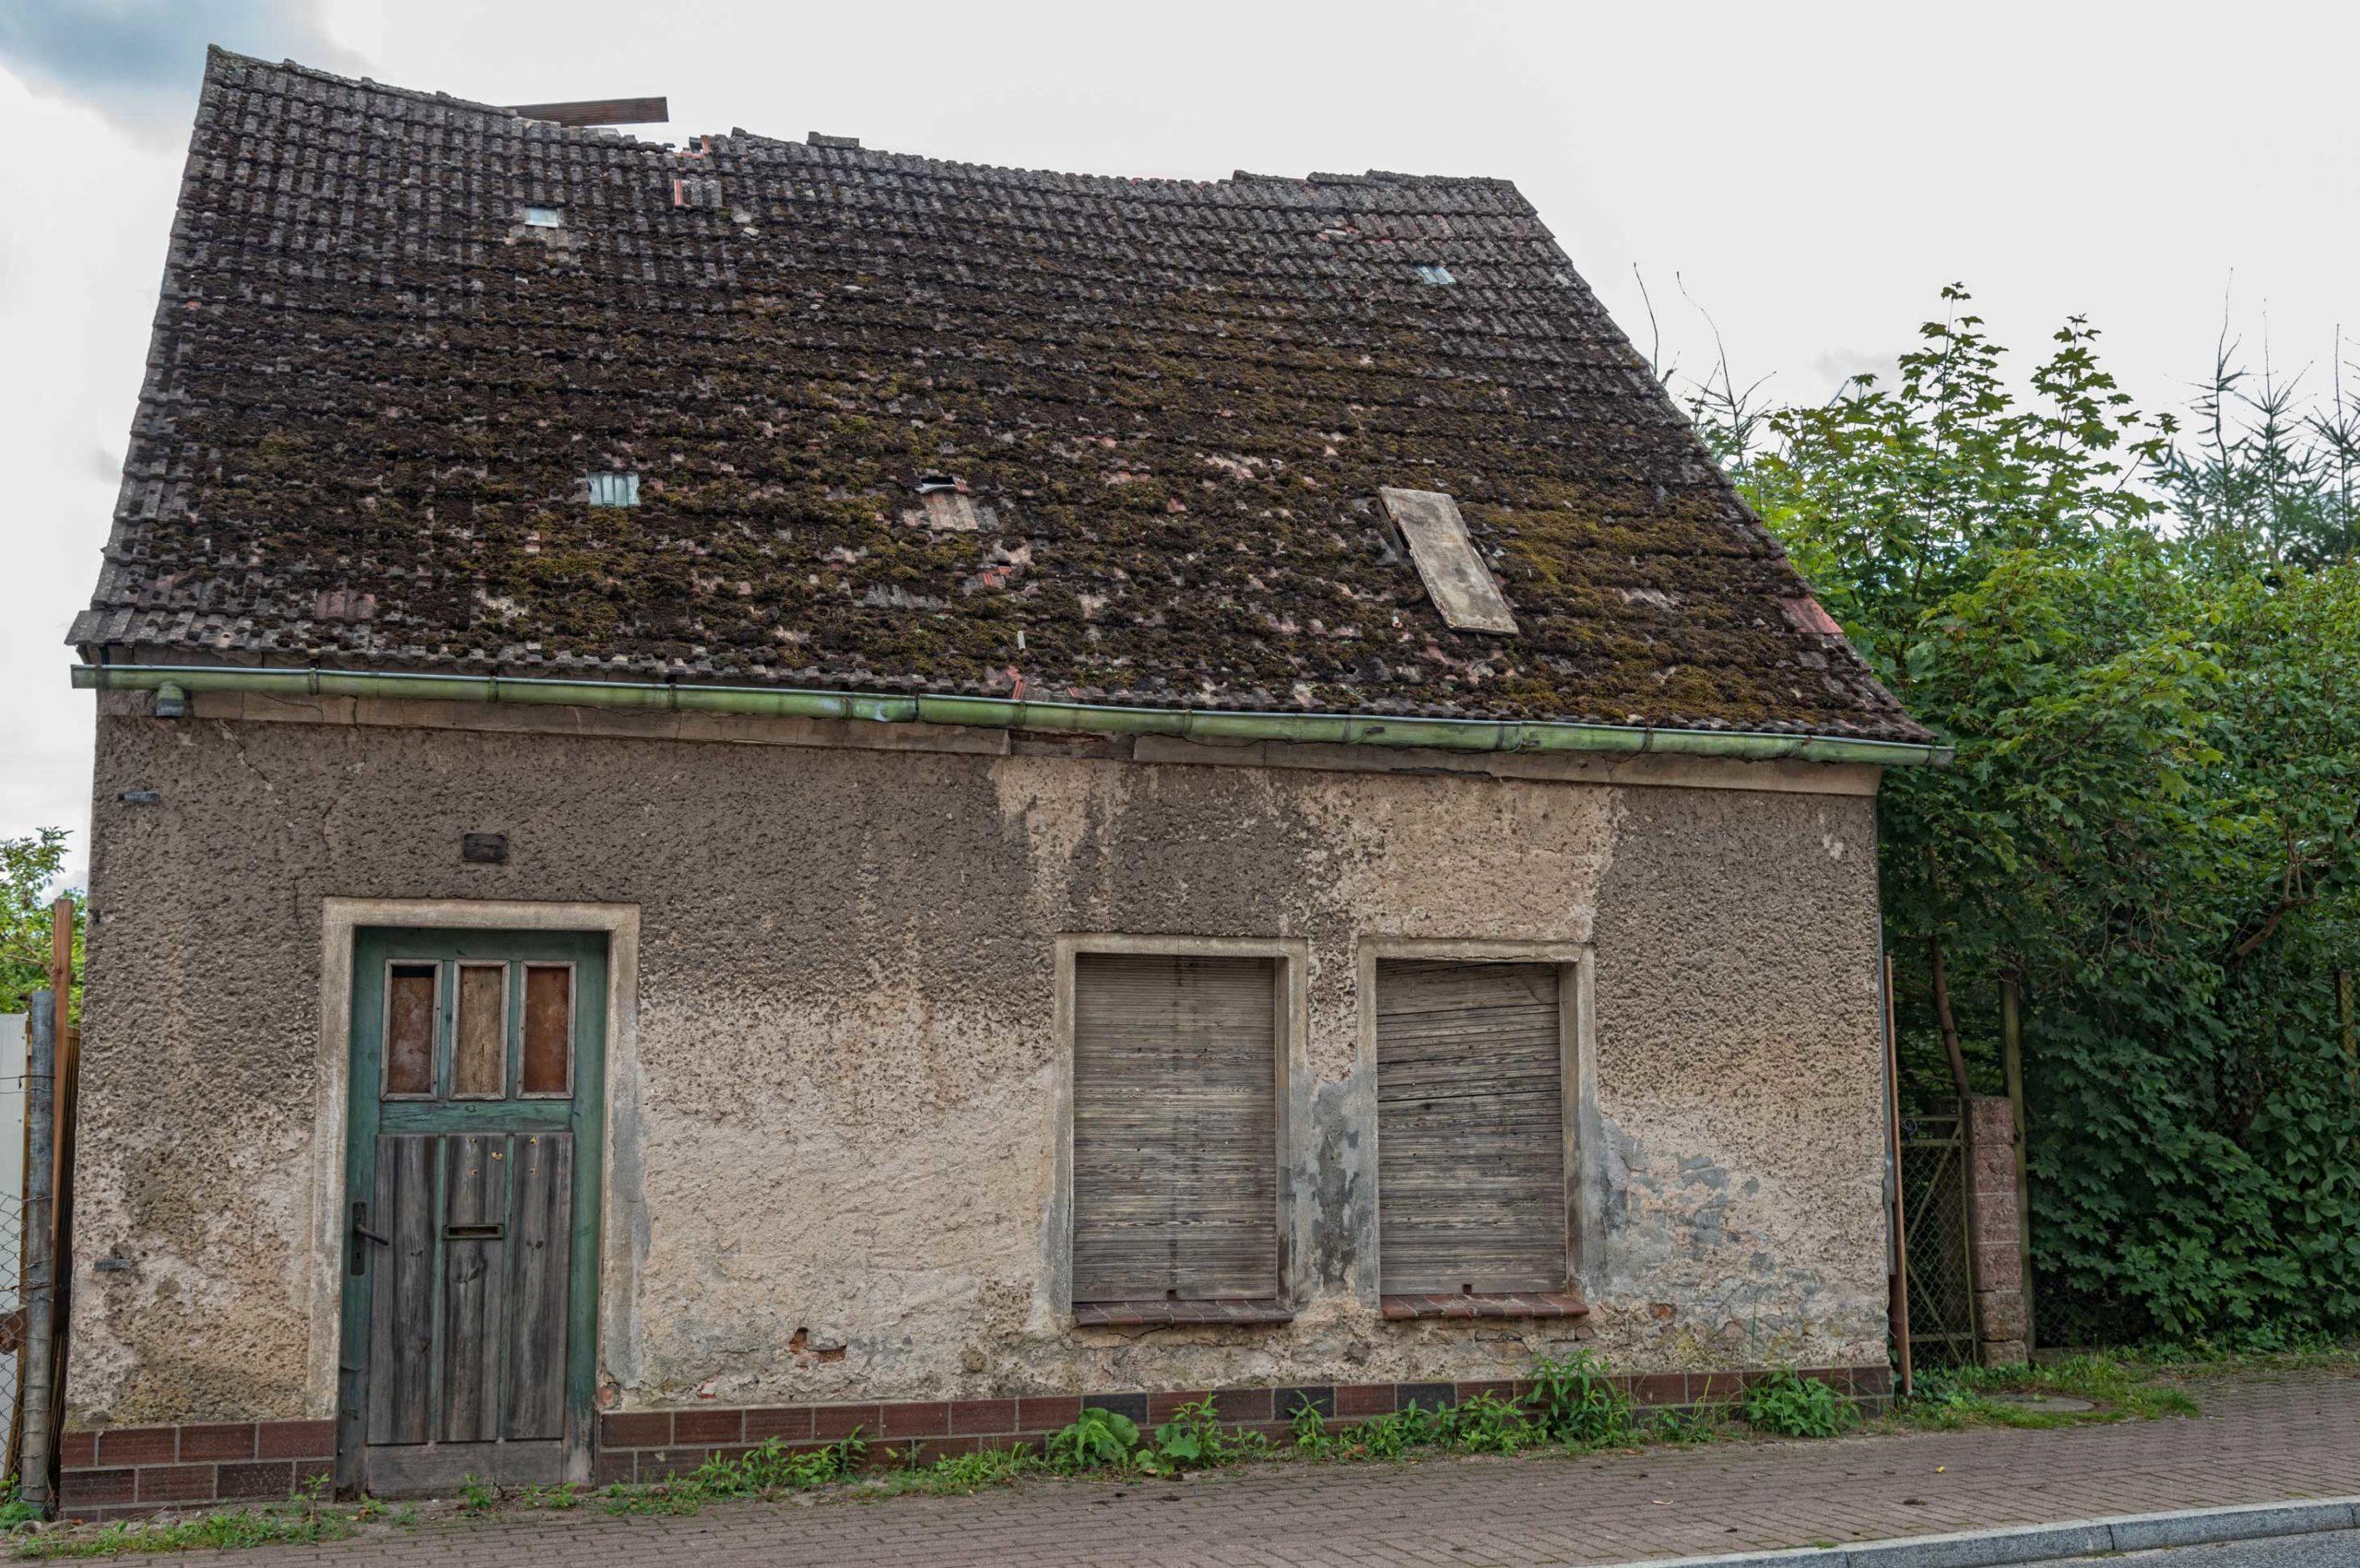 Brachliegendes Haus gegen Neubau ersetzen